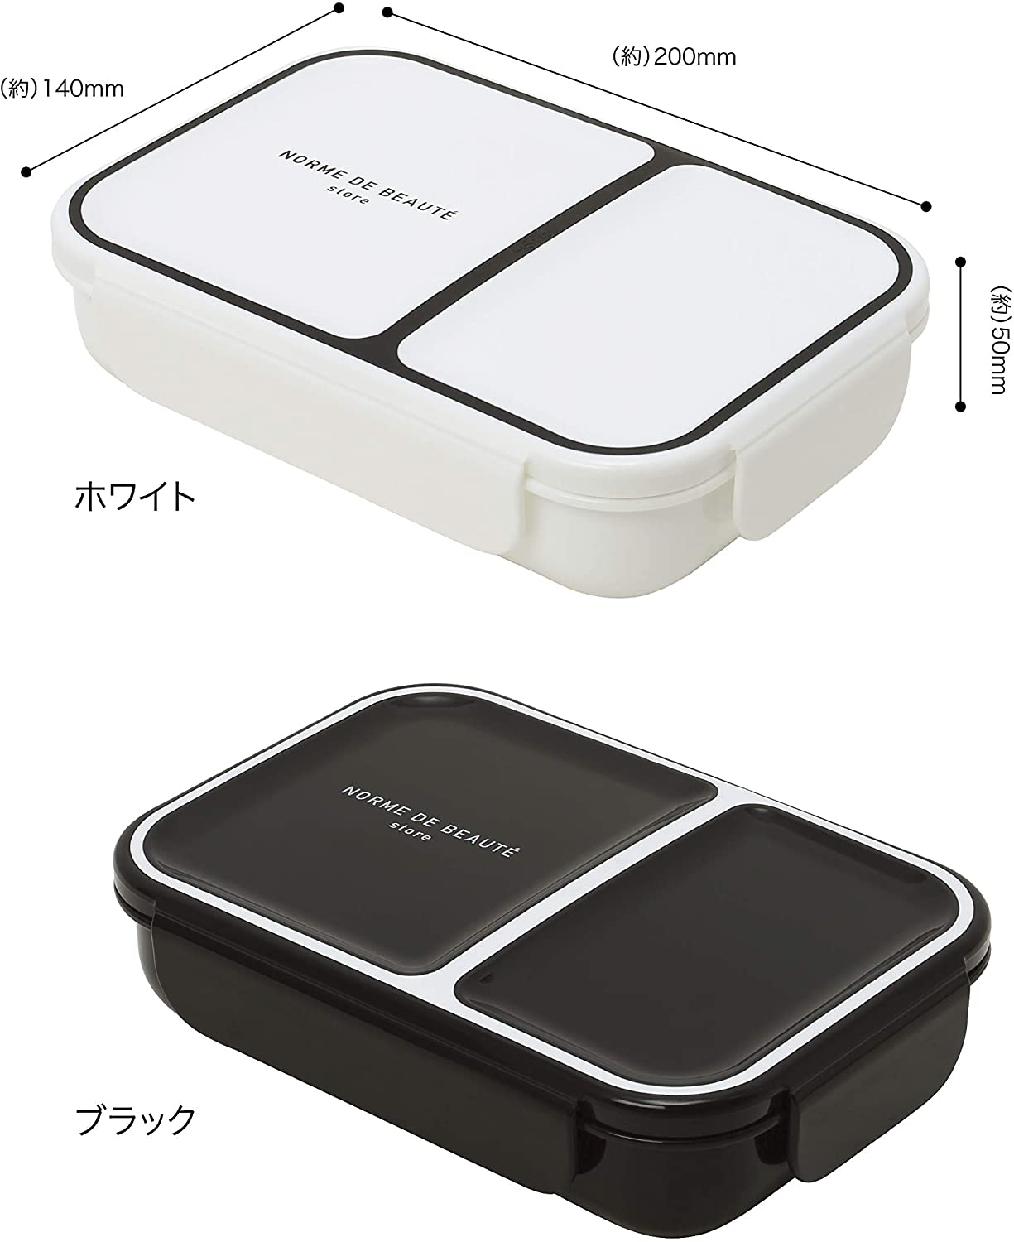 CB JAPAN(シービージャパン) NORME DE BEAUTE ランチボックス700の商品画像6